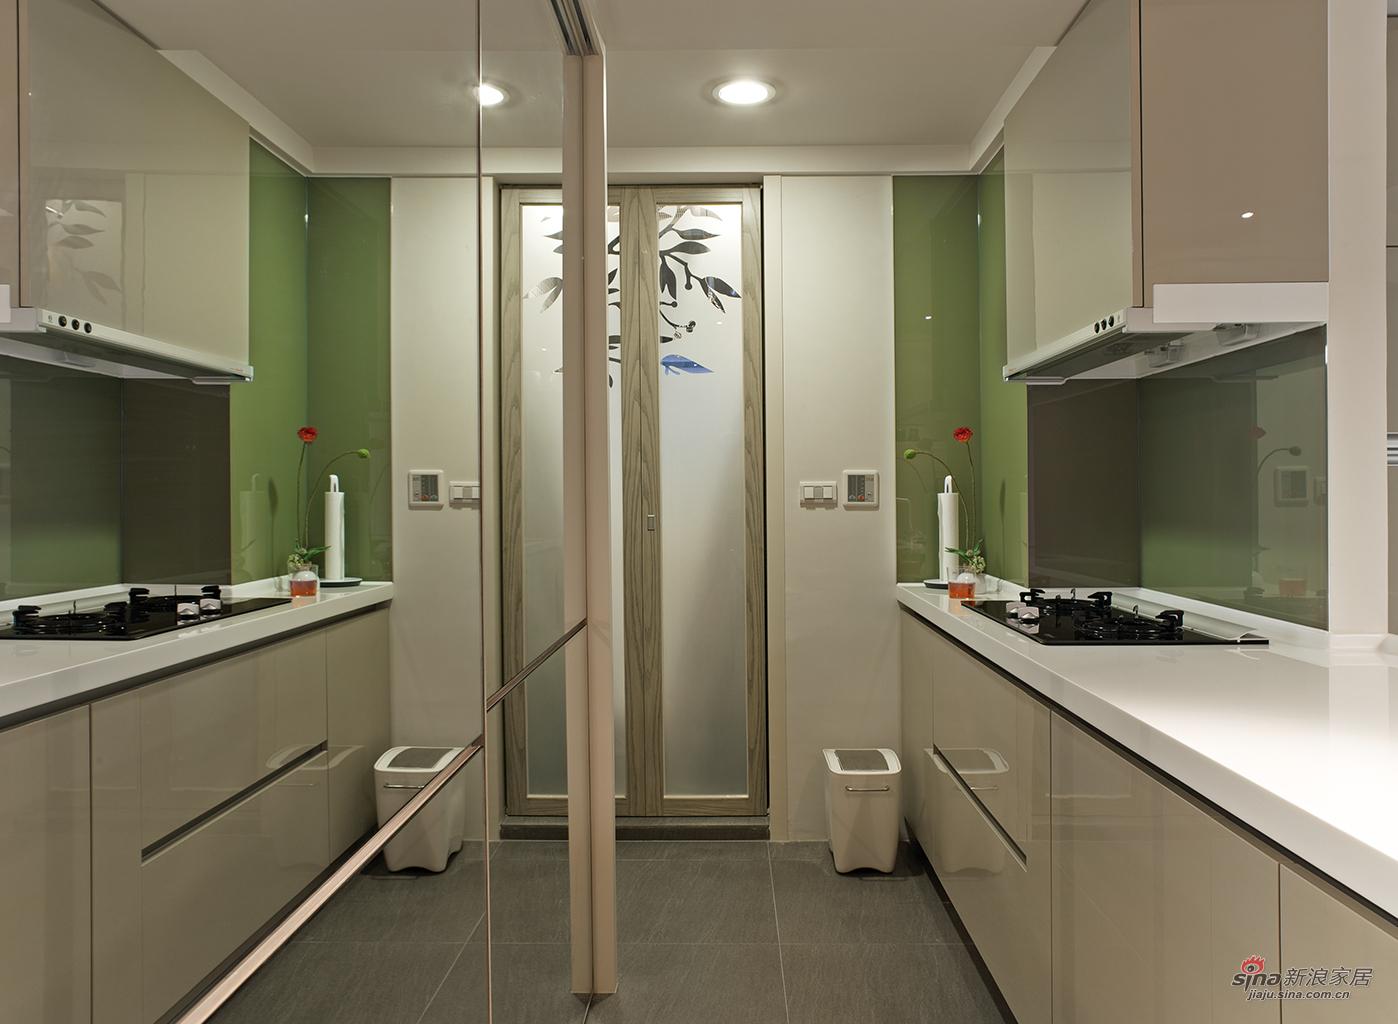 简约 四居 厨房图片来自用户2738820801在【高清】简约风格,文艺气息十足的大四居58的分享